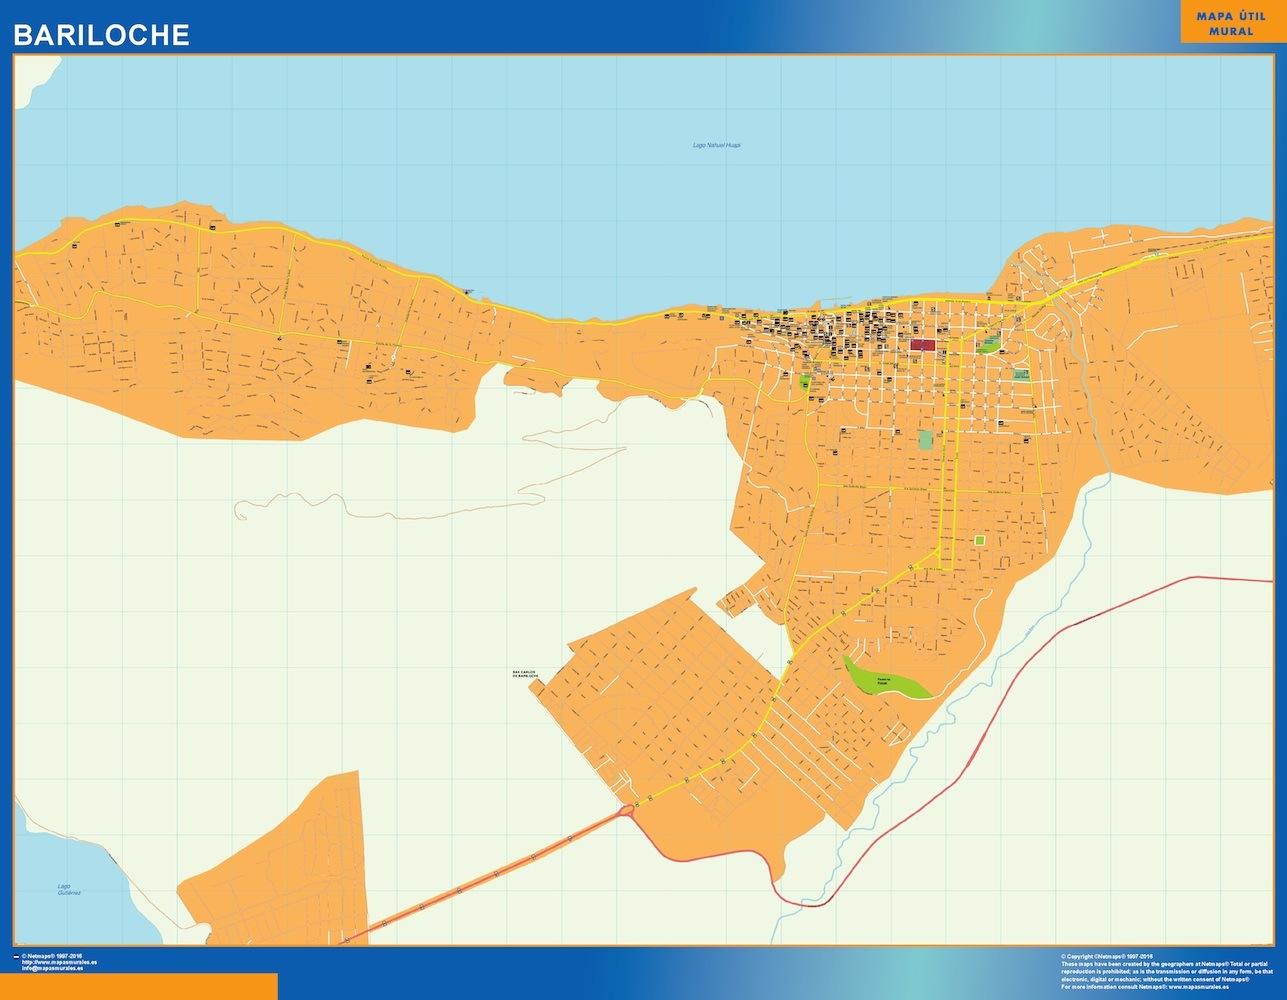 Mapa Bariloche en Argentina plastificado gigante